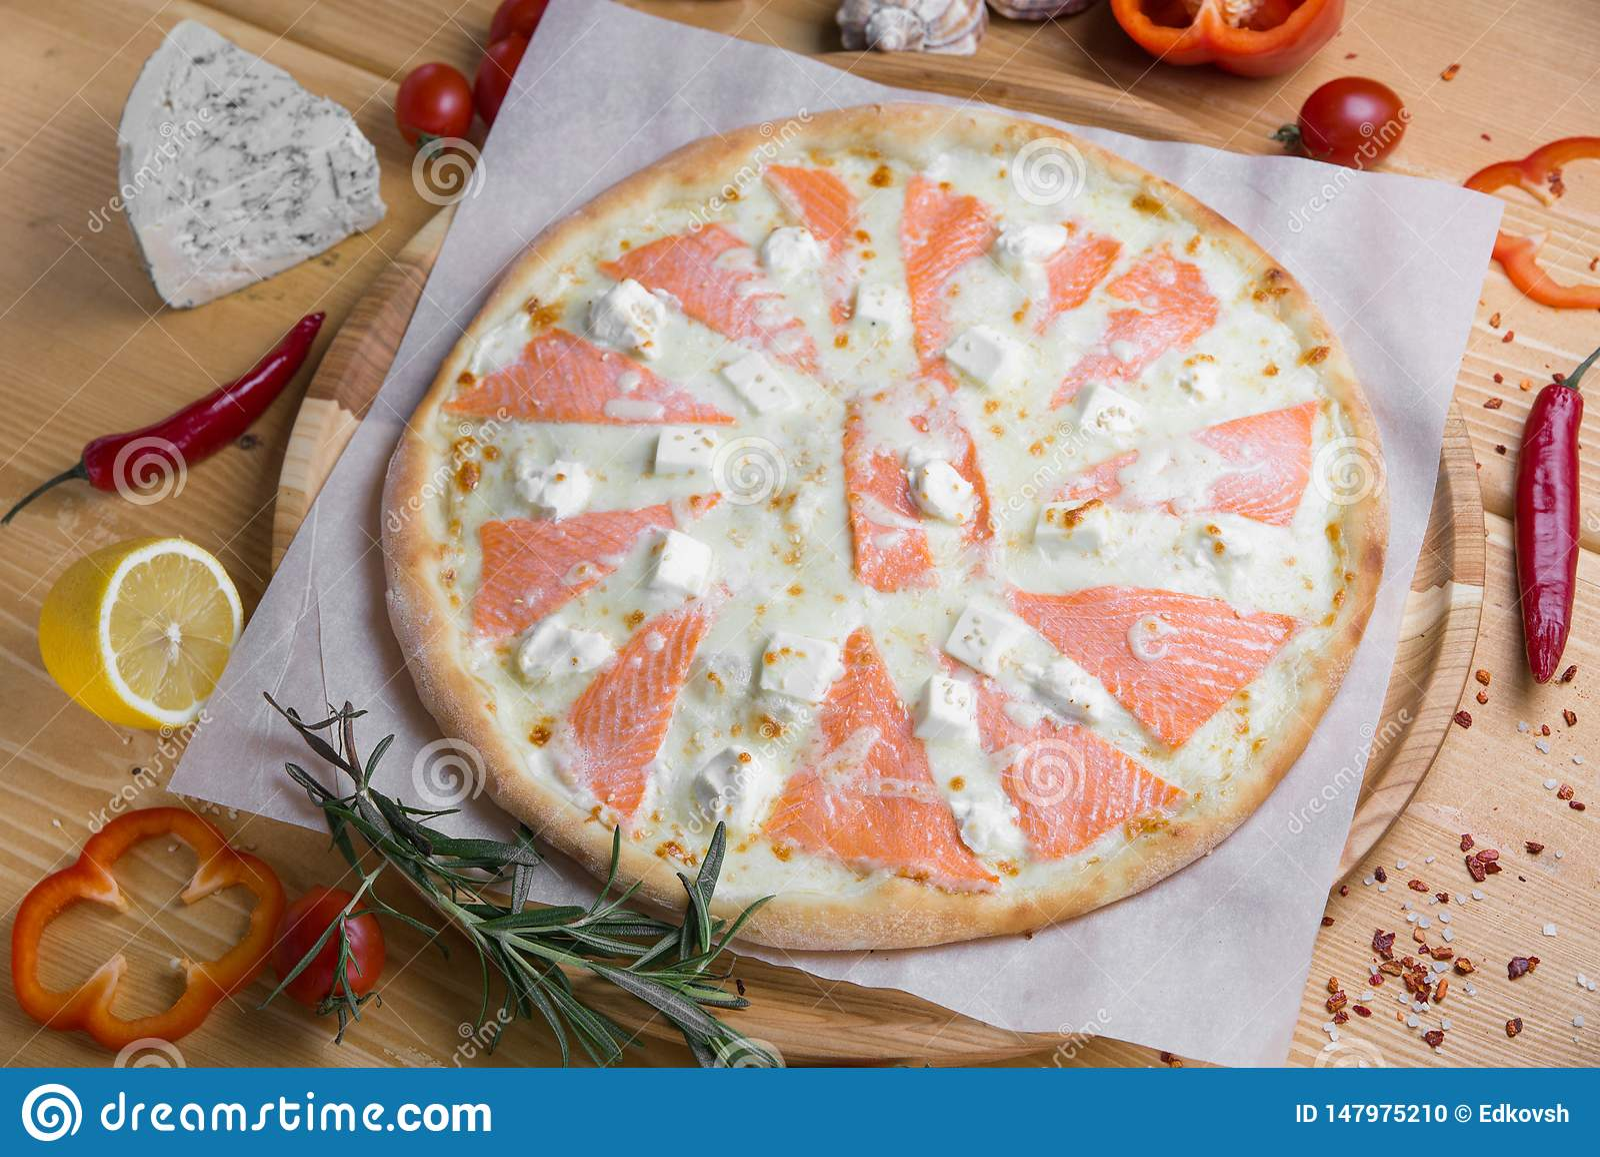 Pizza caseiro com alimento de mar e os peixes vermelhos em um fundo de madeira com frutas e legumes com especiarias